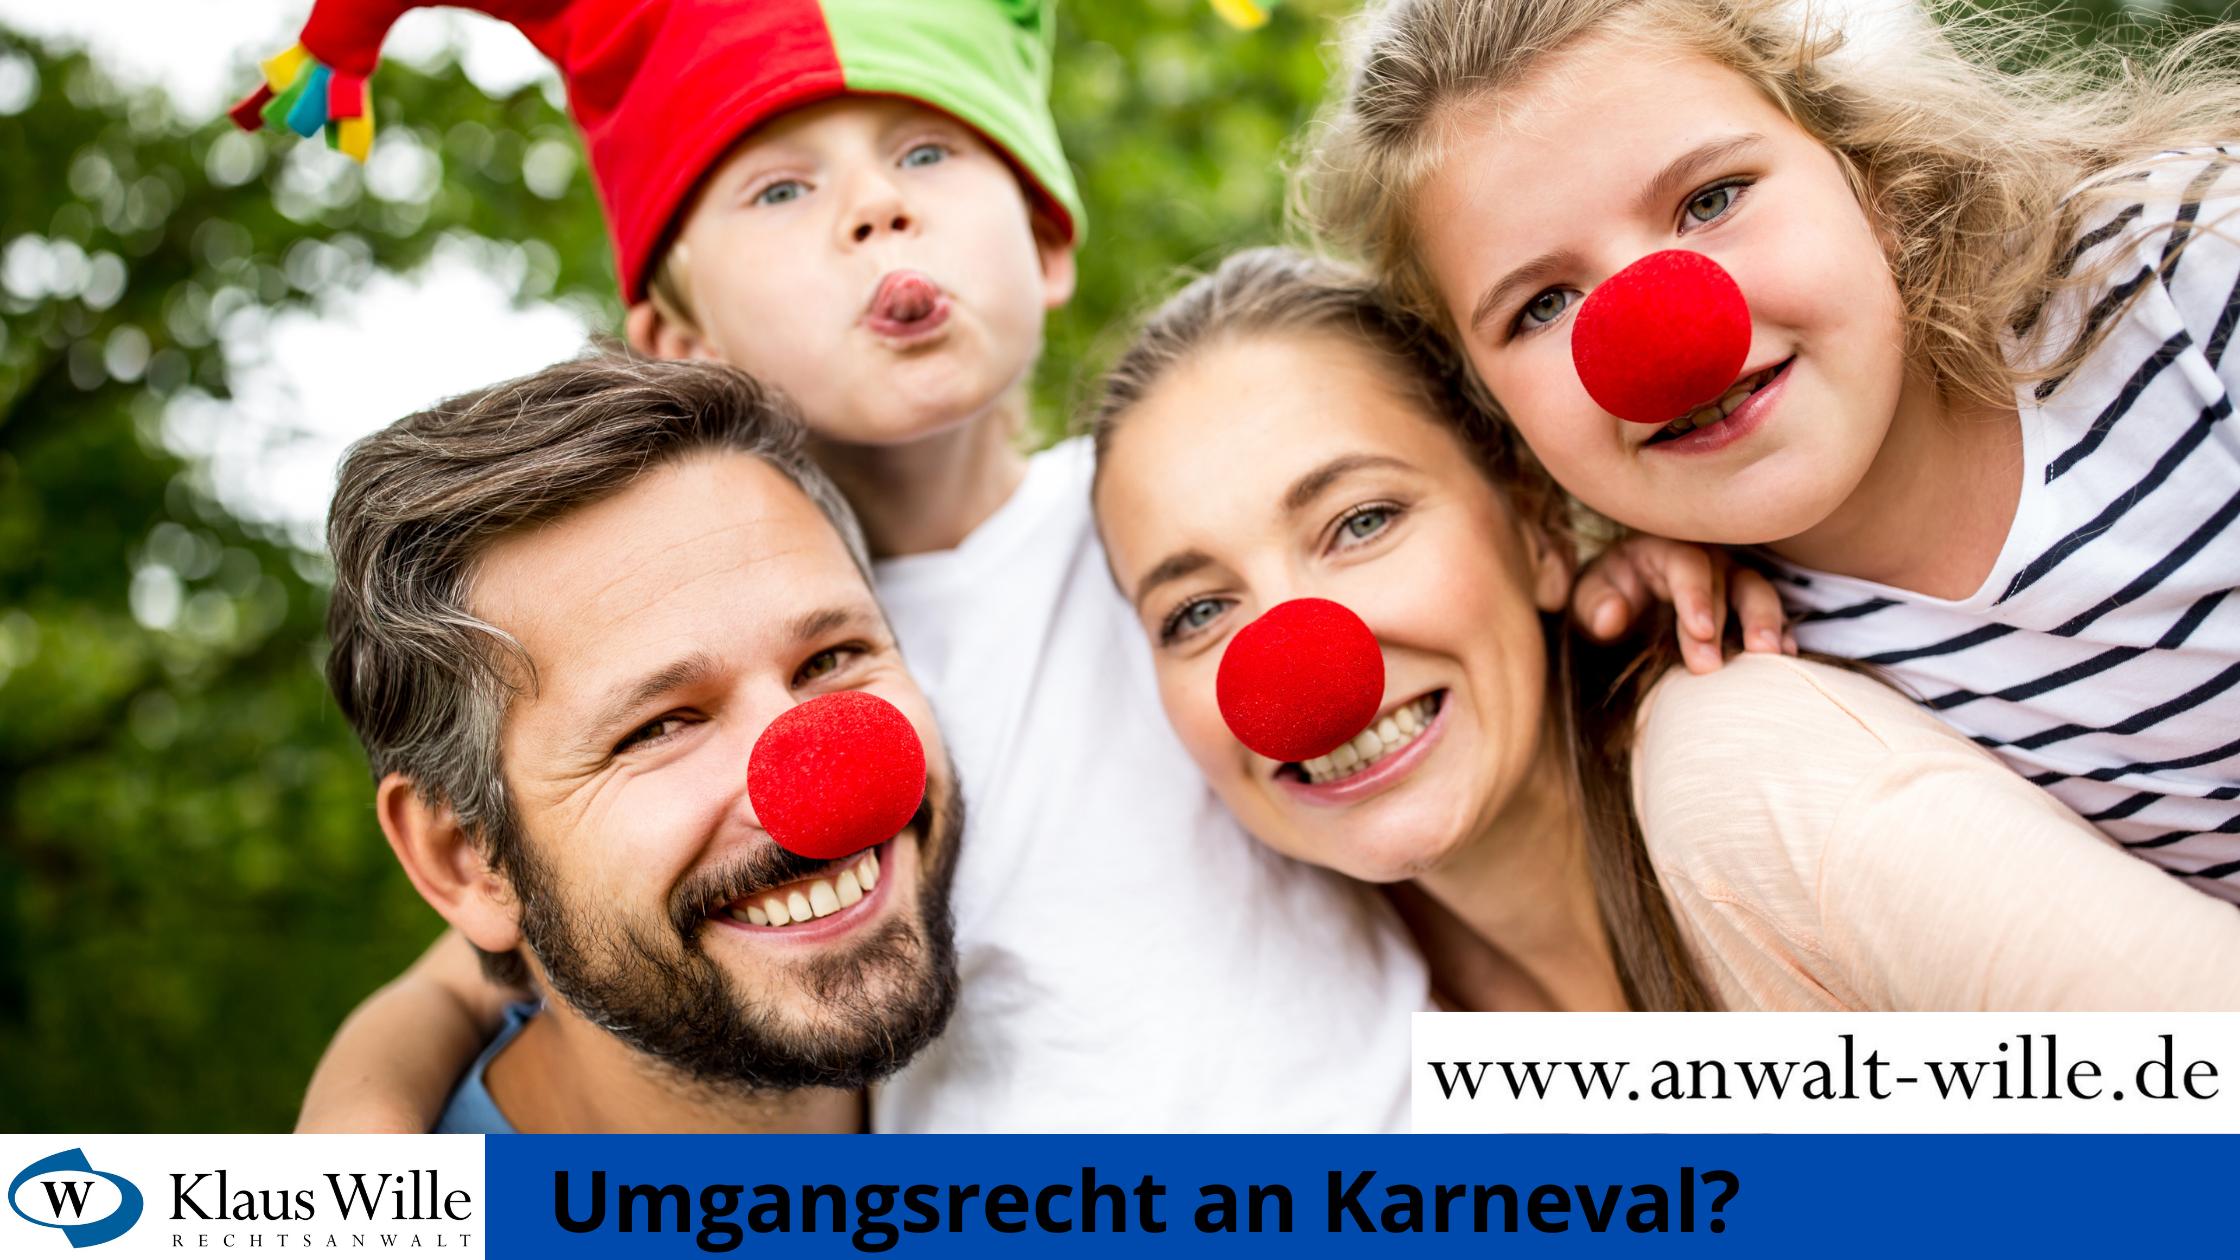 Umgangsrecht an Karneval - Rechtsanwalt Klaus Wille berät Sie (Foto: canva.com/Robert Kneschke)